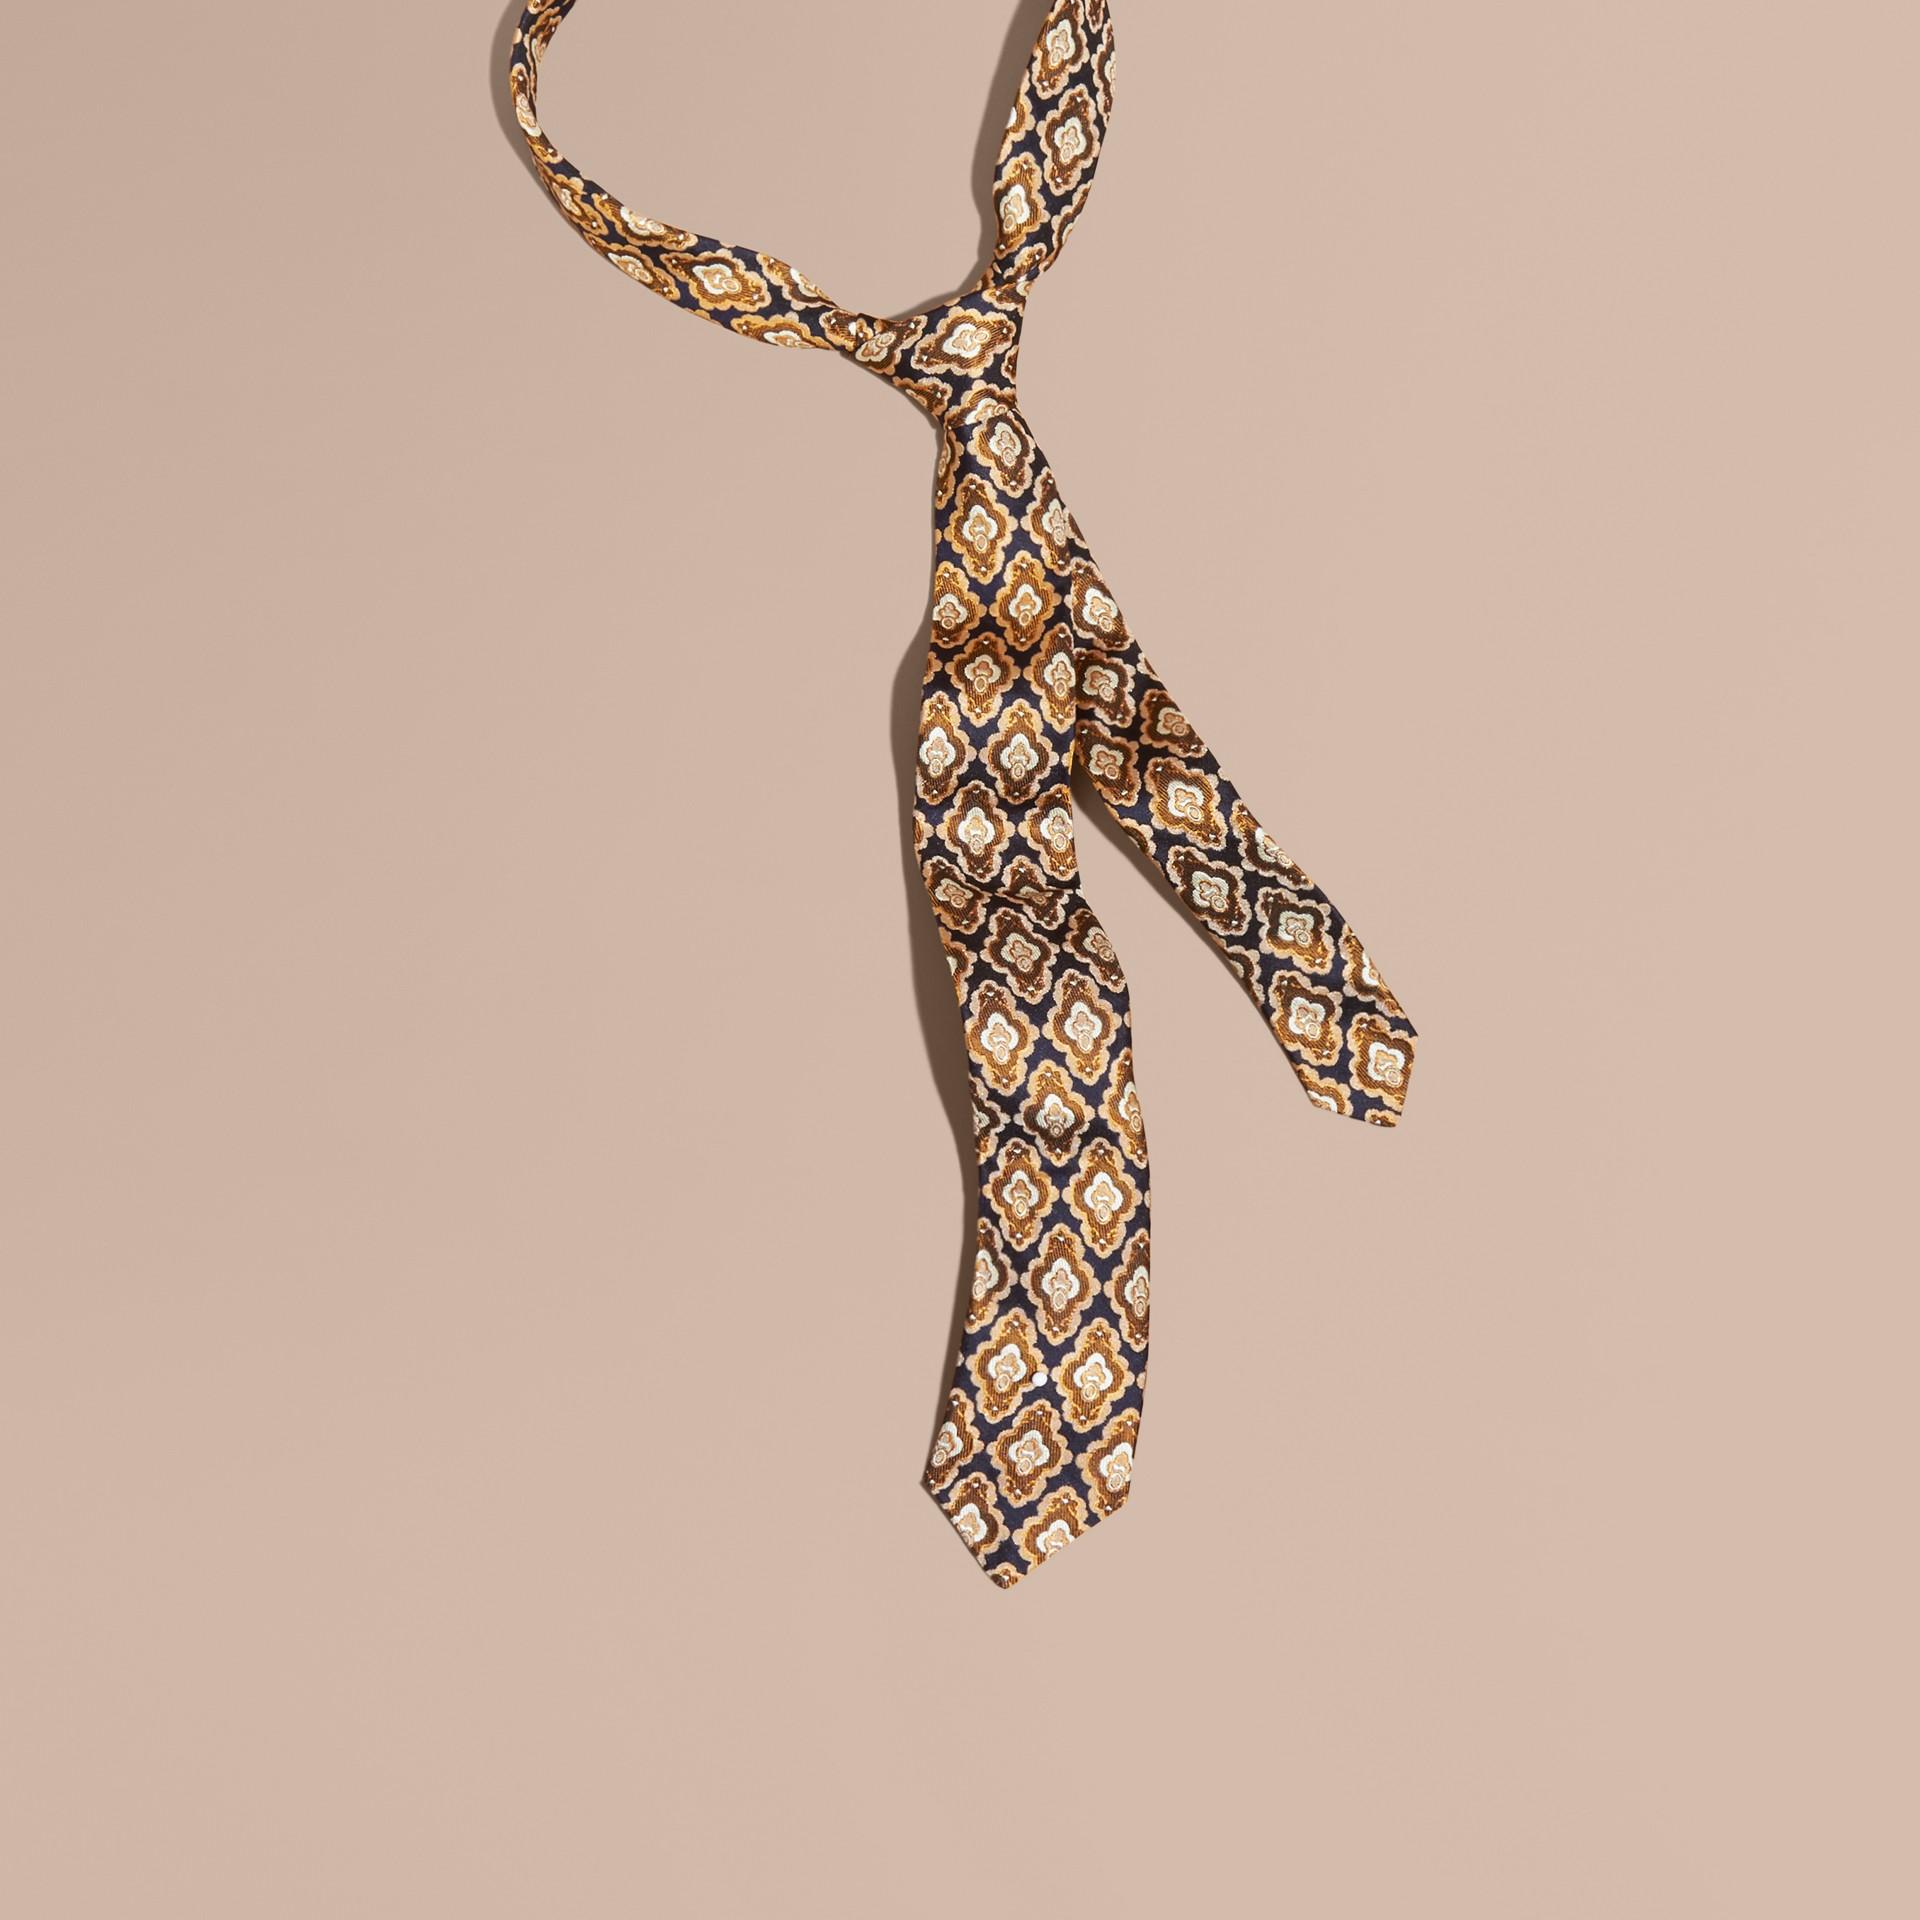 Marine Cravate fine en soie à motif jacquard Marine - photo de la galerie 1